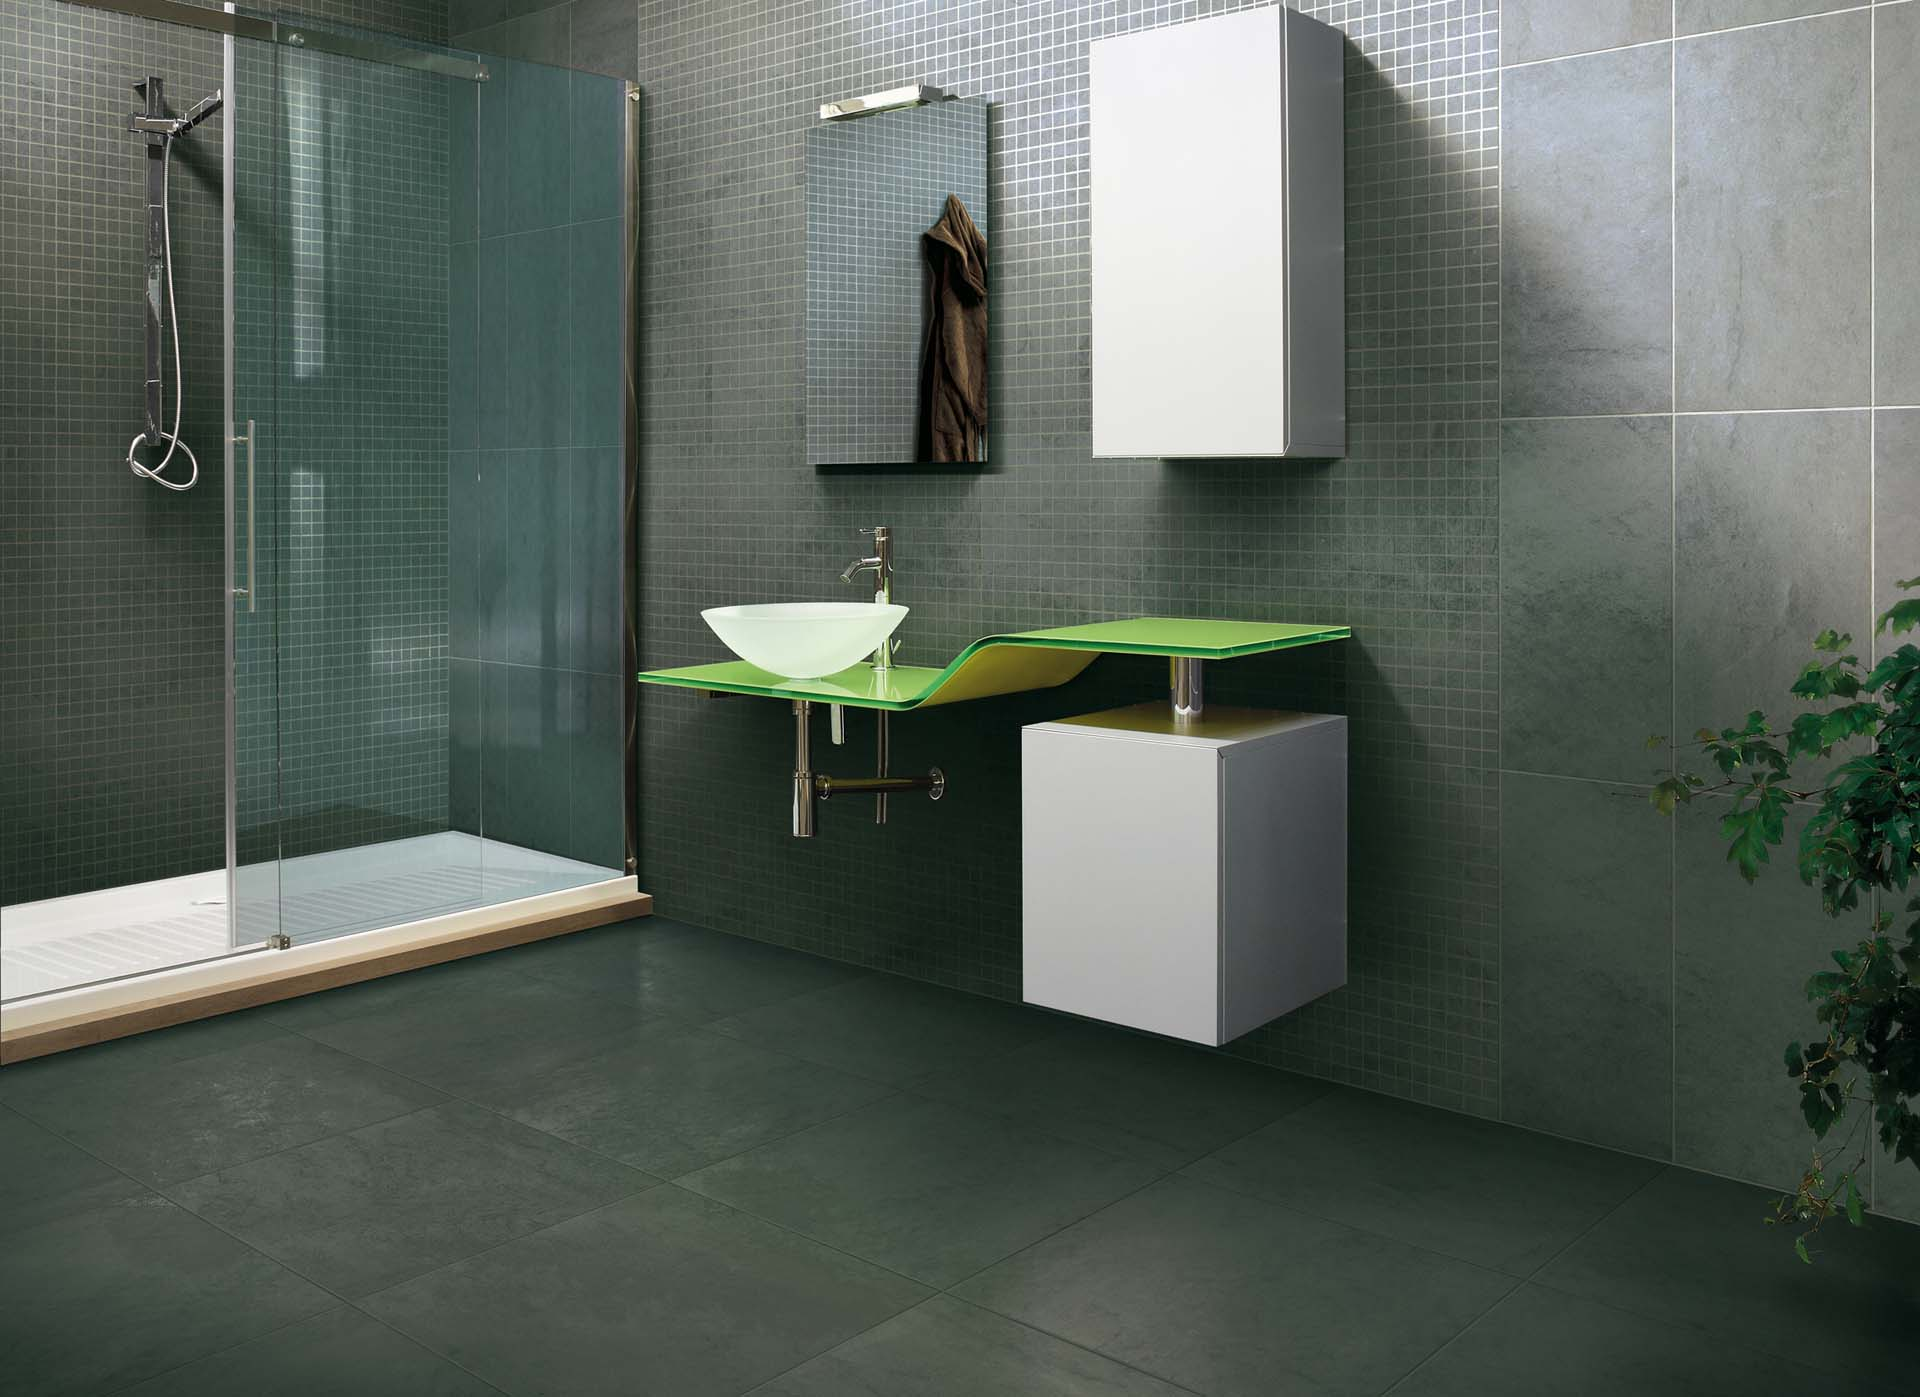 Badkamer Tegels Kalk : Badkamer betegelen - uw douche laten tegelen ...